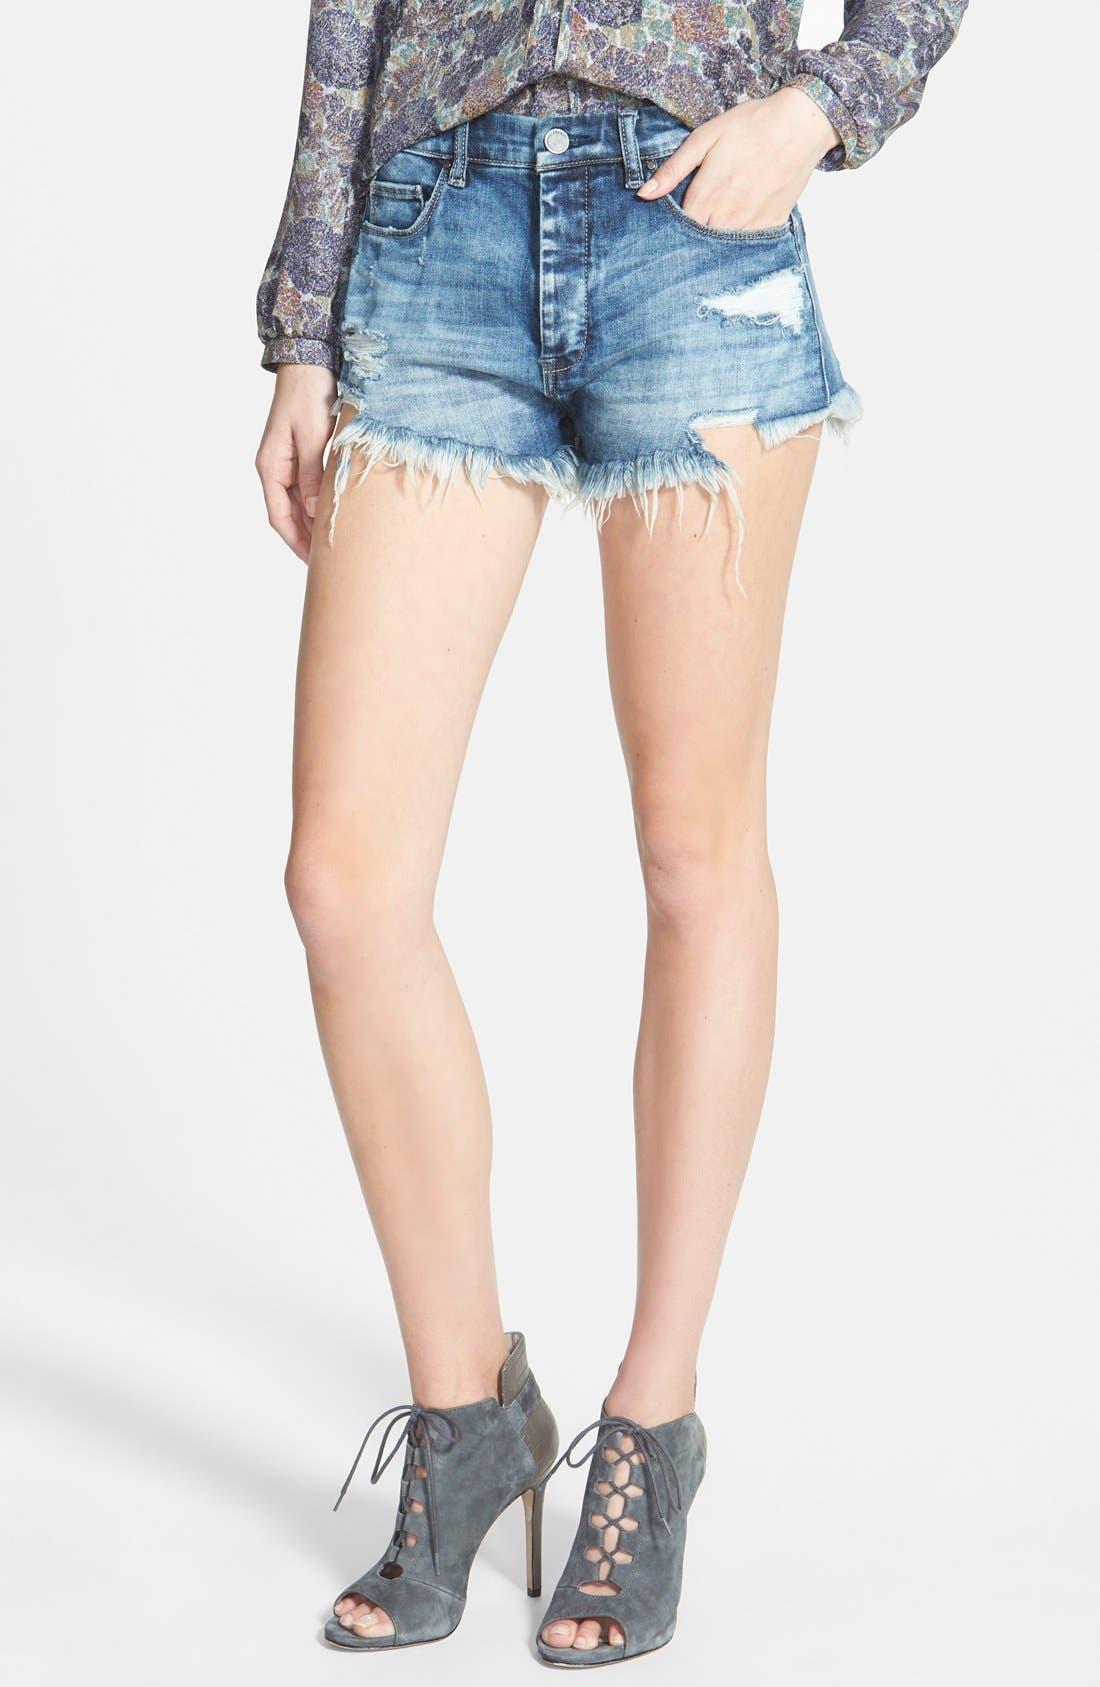 BLANKNYC 'Fit of Rage' Cutoff Denim Shorts, Main, color, 420